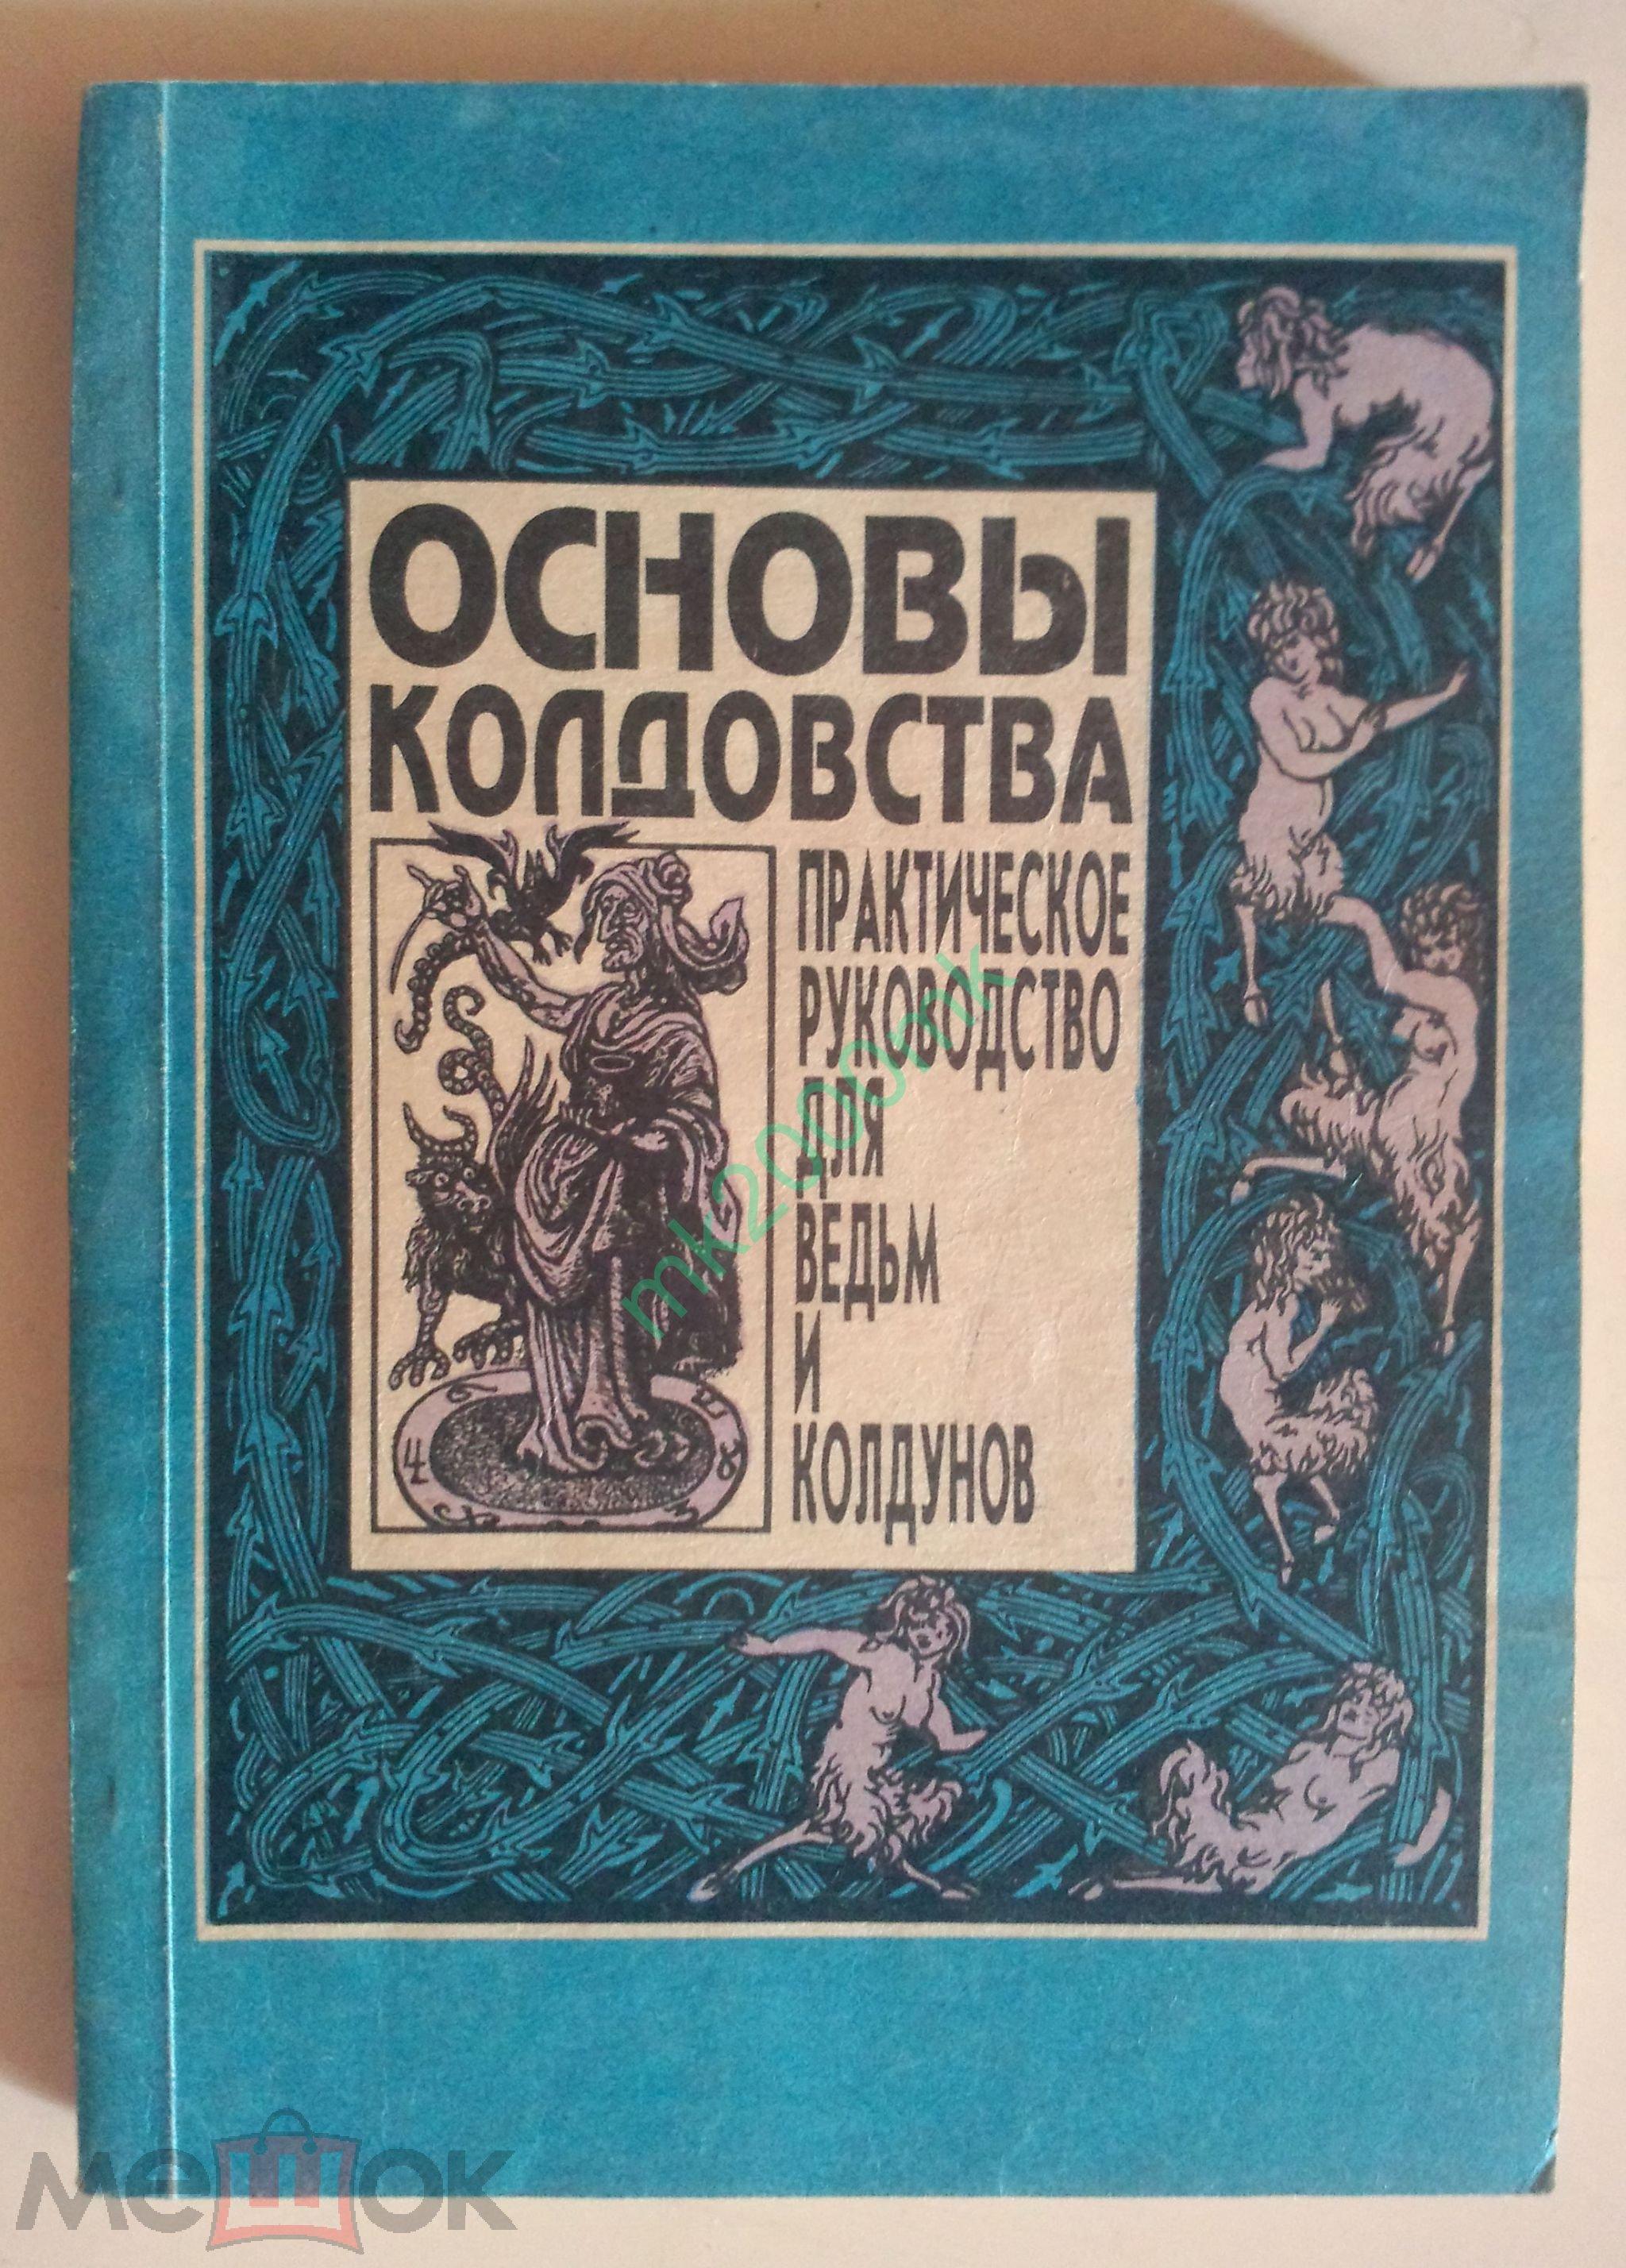 Книга основы колдовства практическое руководство для ведьм и колдунов магия как избавиться от приворота